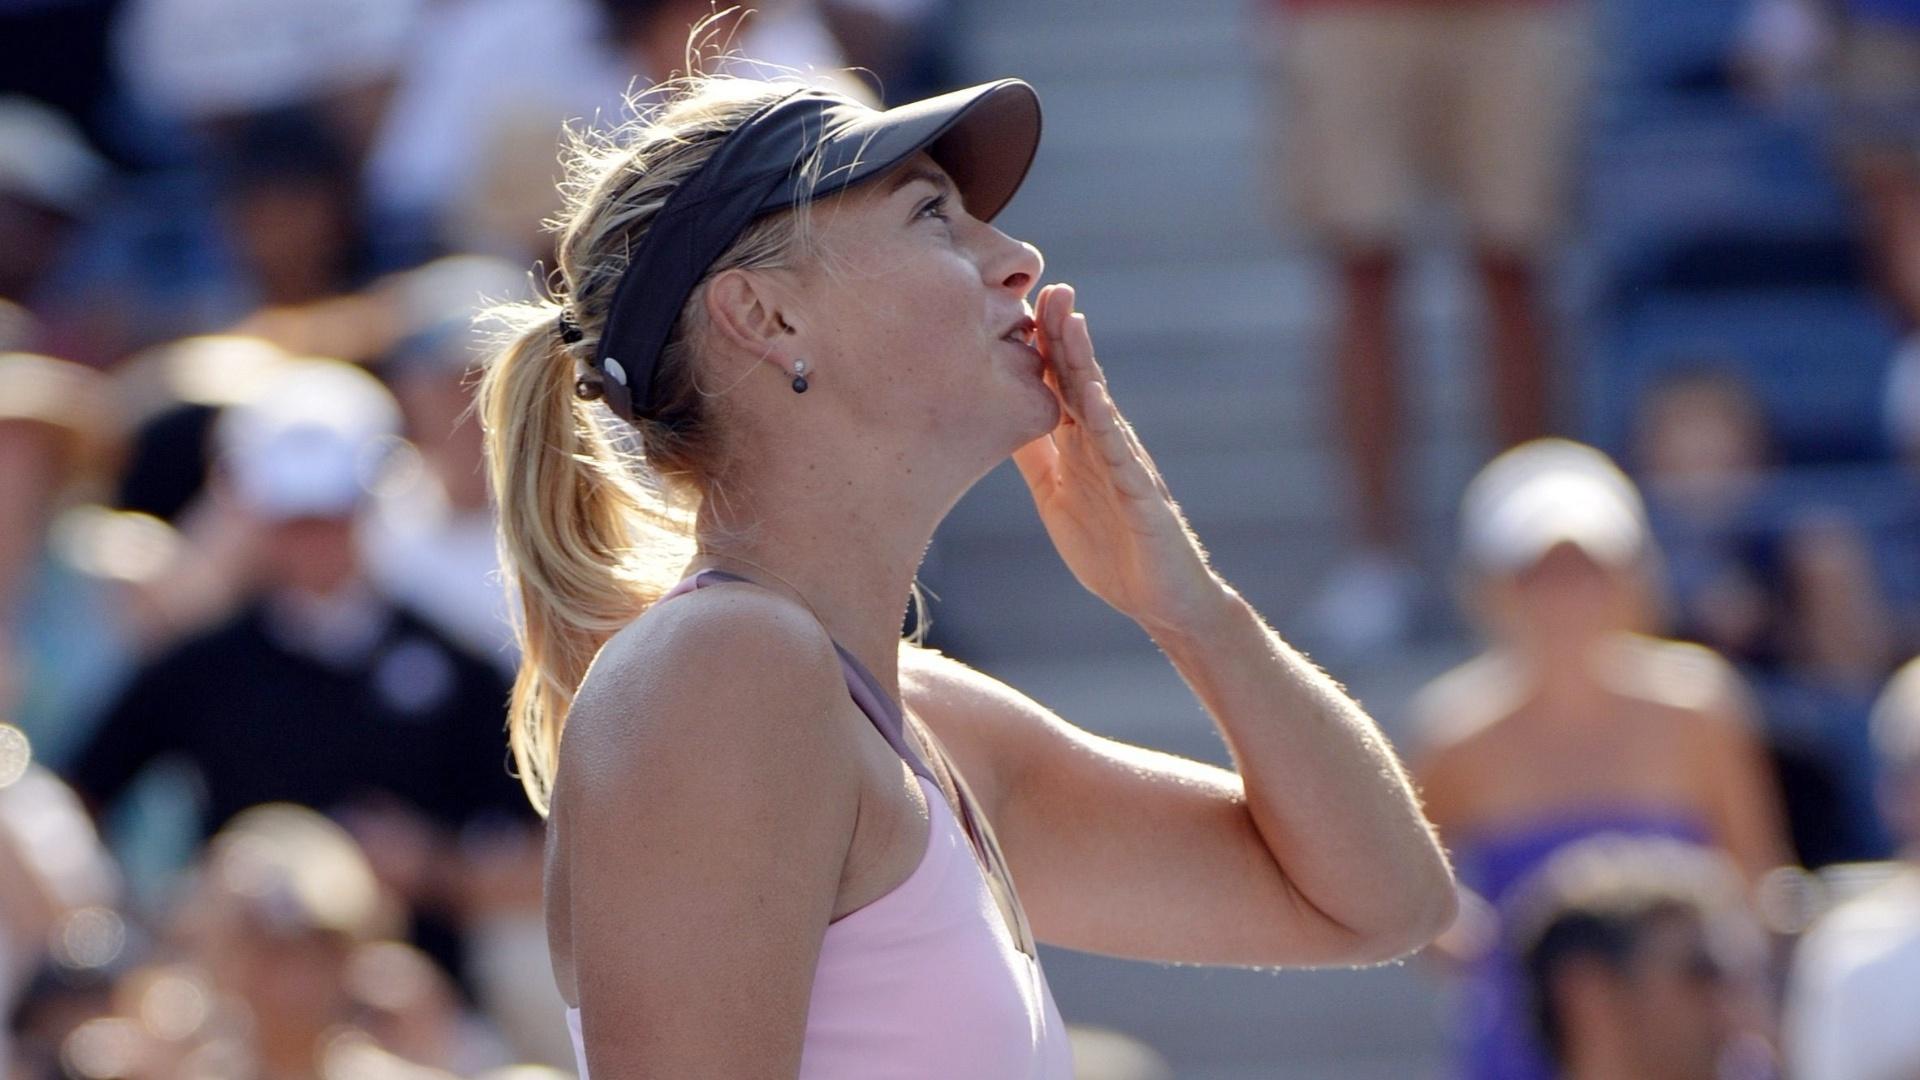 Maria Sharapova manda beijinhos para a torcida após a tranquila vitória sobre Mallory Burdette pela terceira rodada do Aberto dos EUA